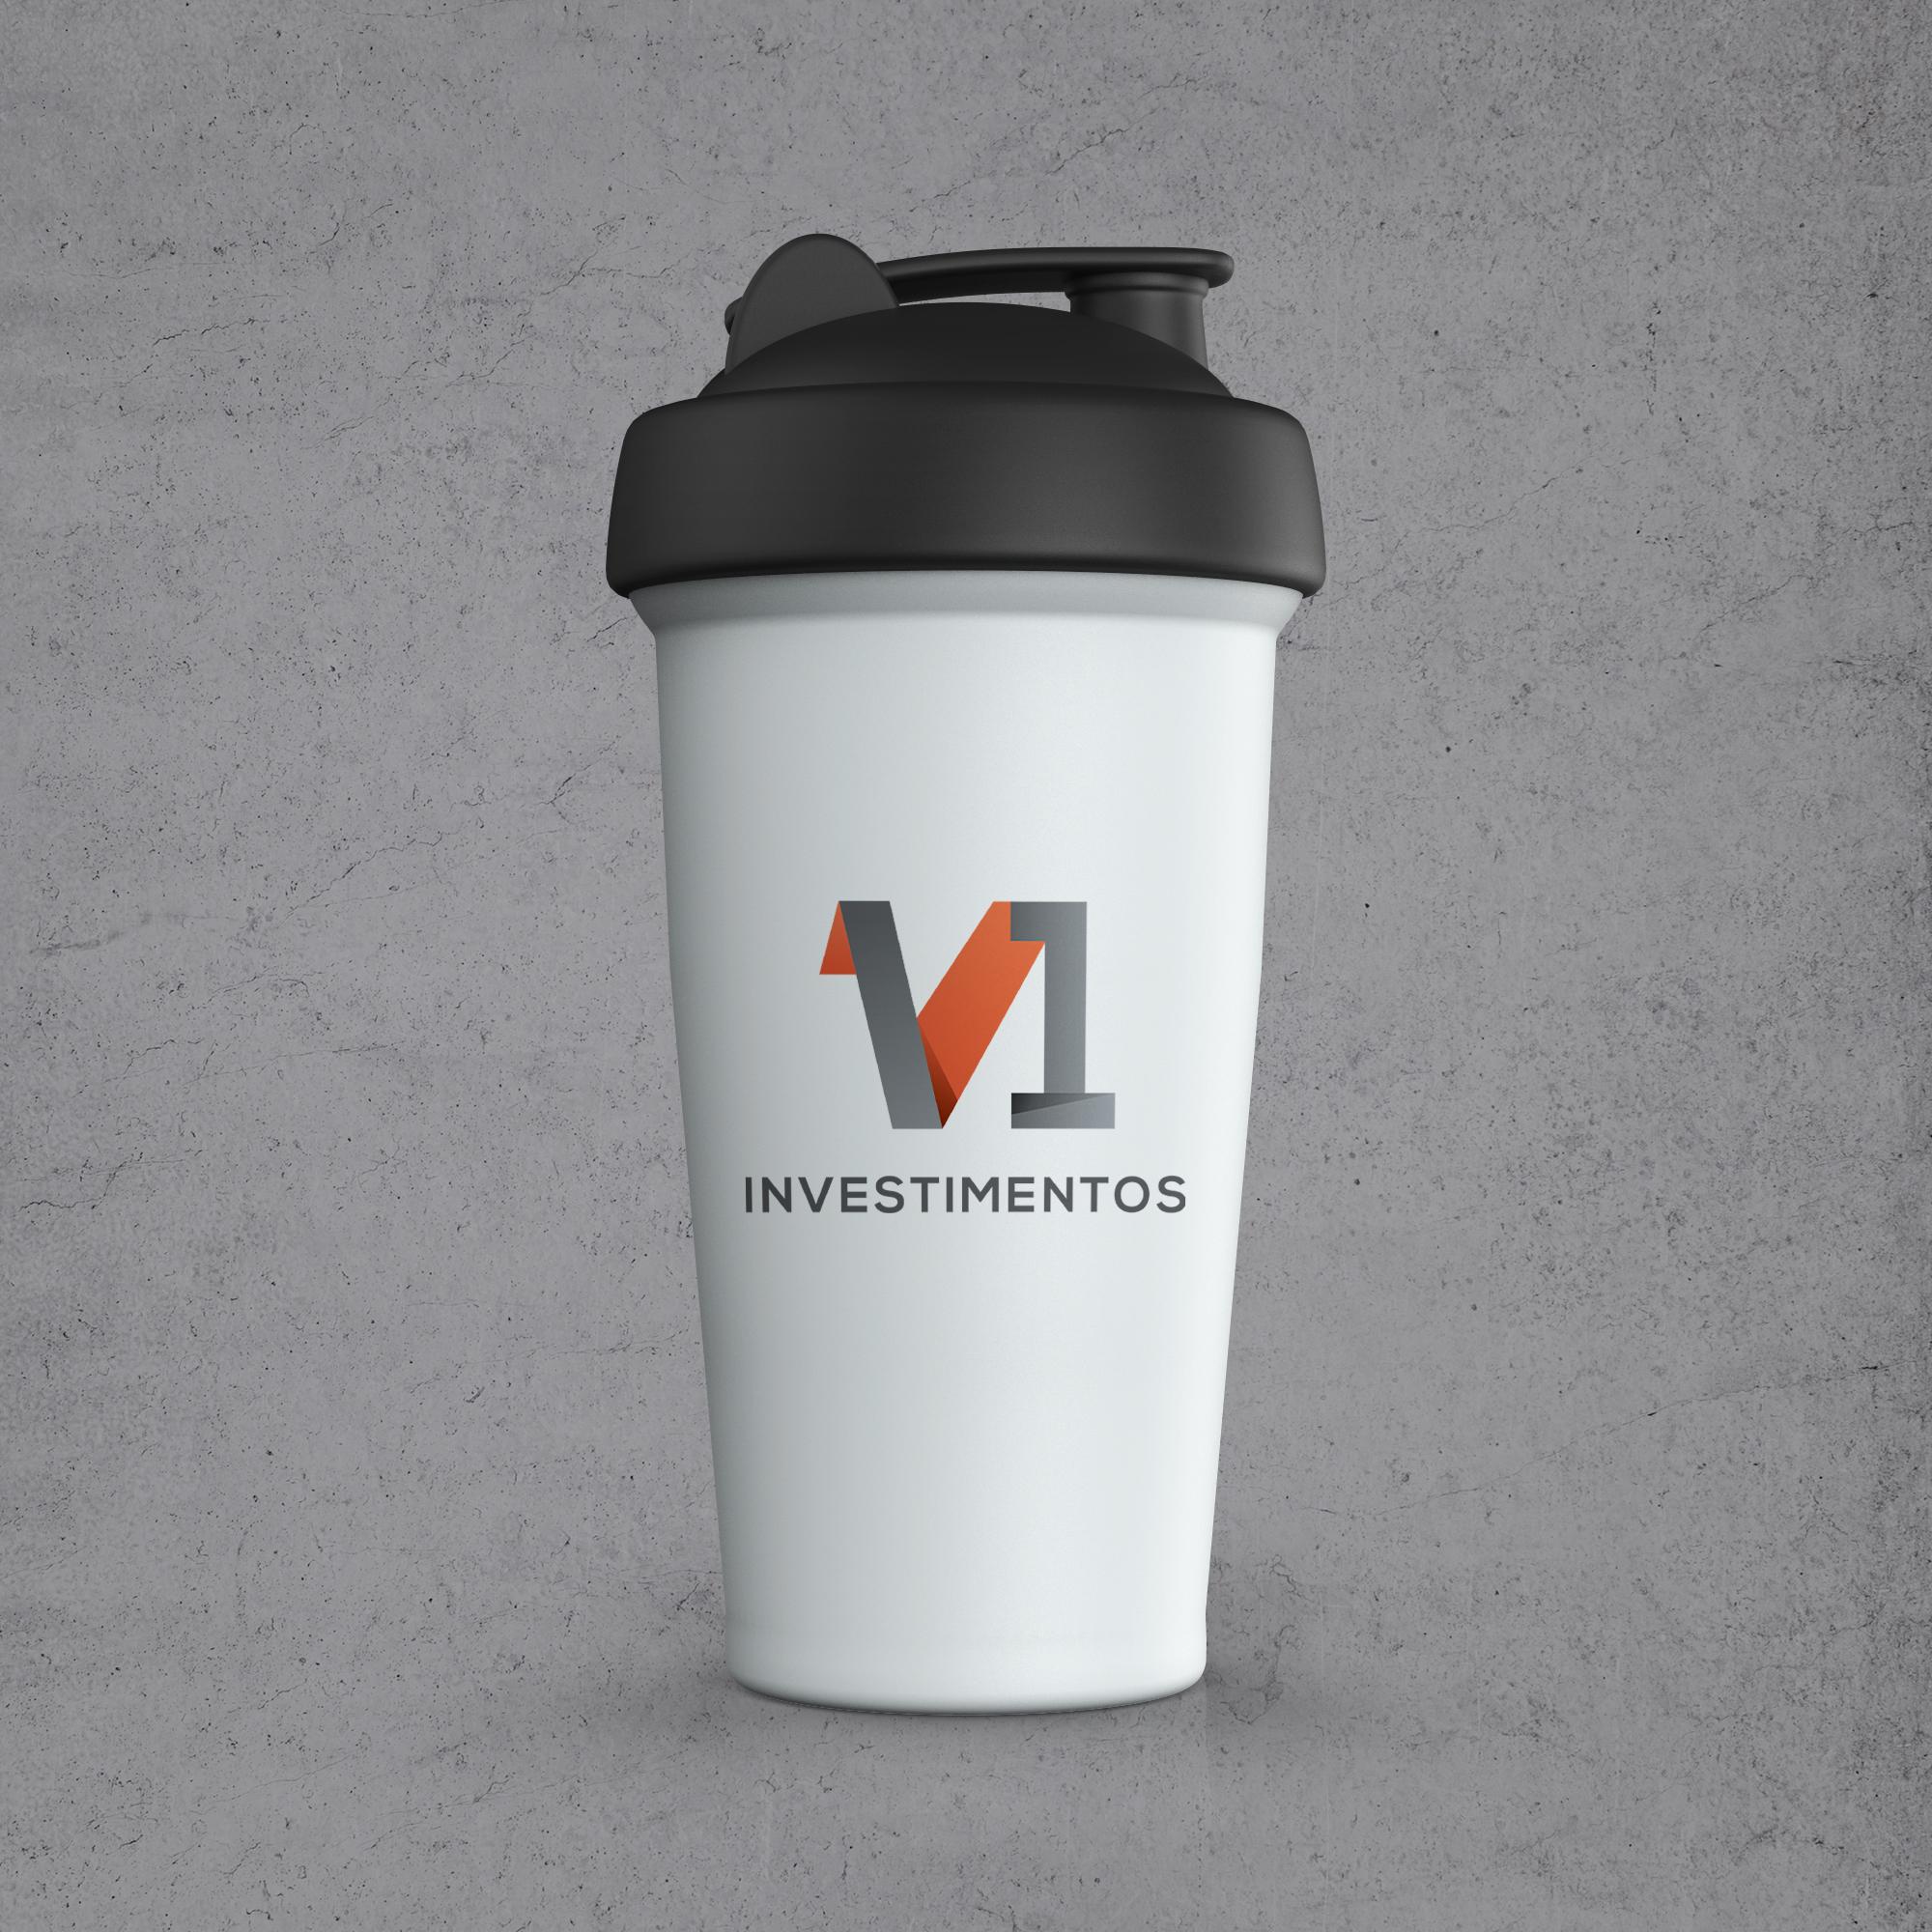 Marca – V1 Investimentos